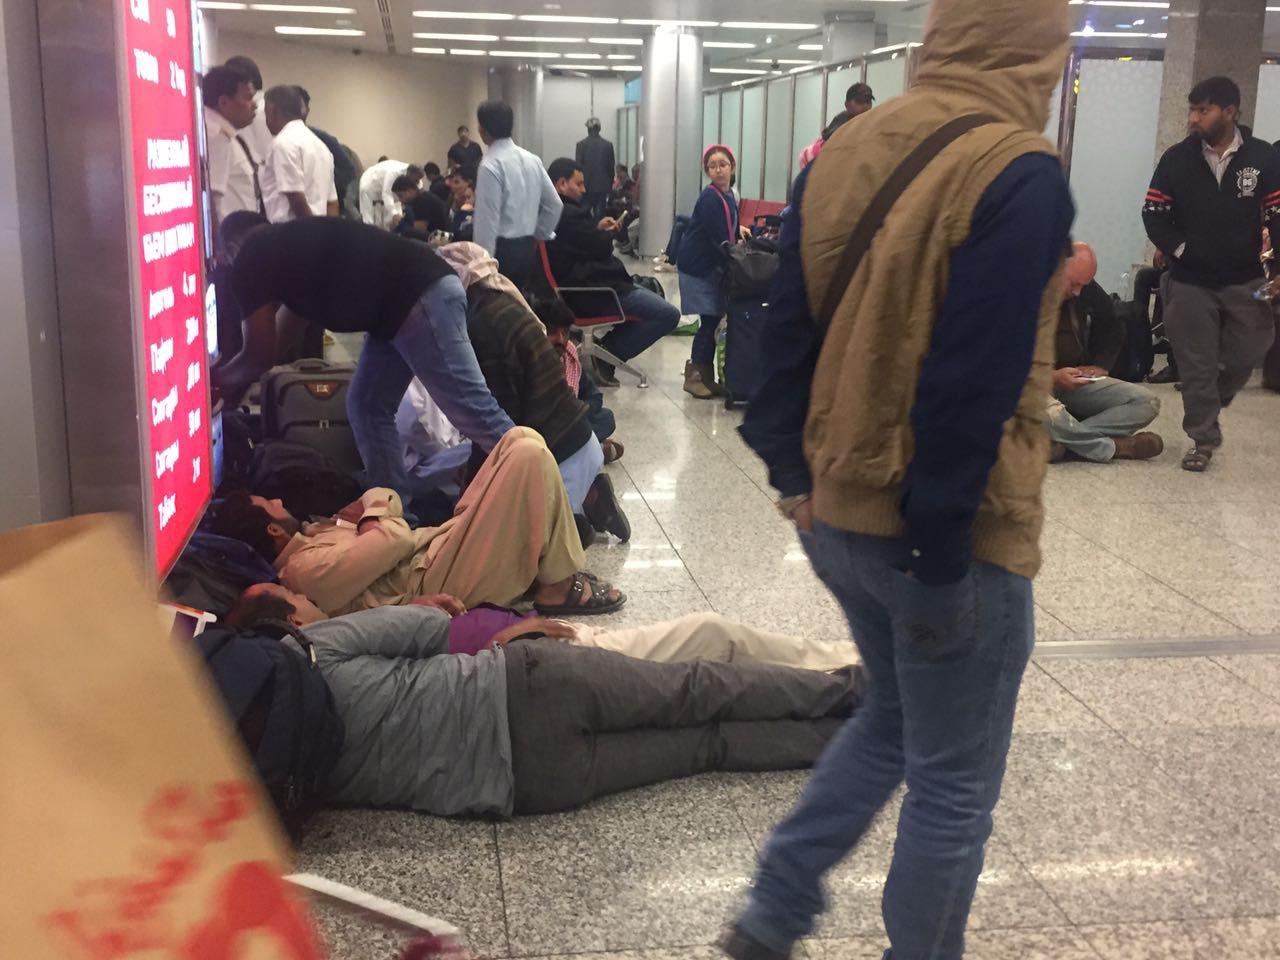 В аэропорту за время ожидания скопилось столько людей, что люди начали обживаться на полу